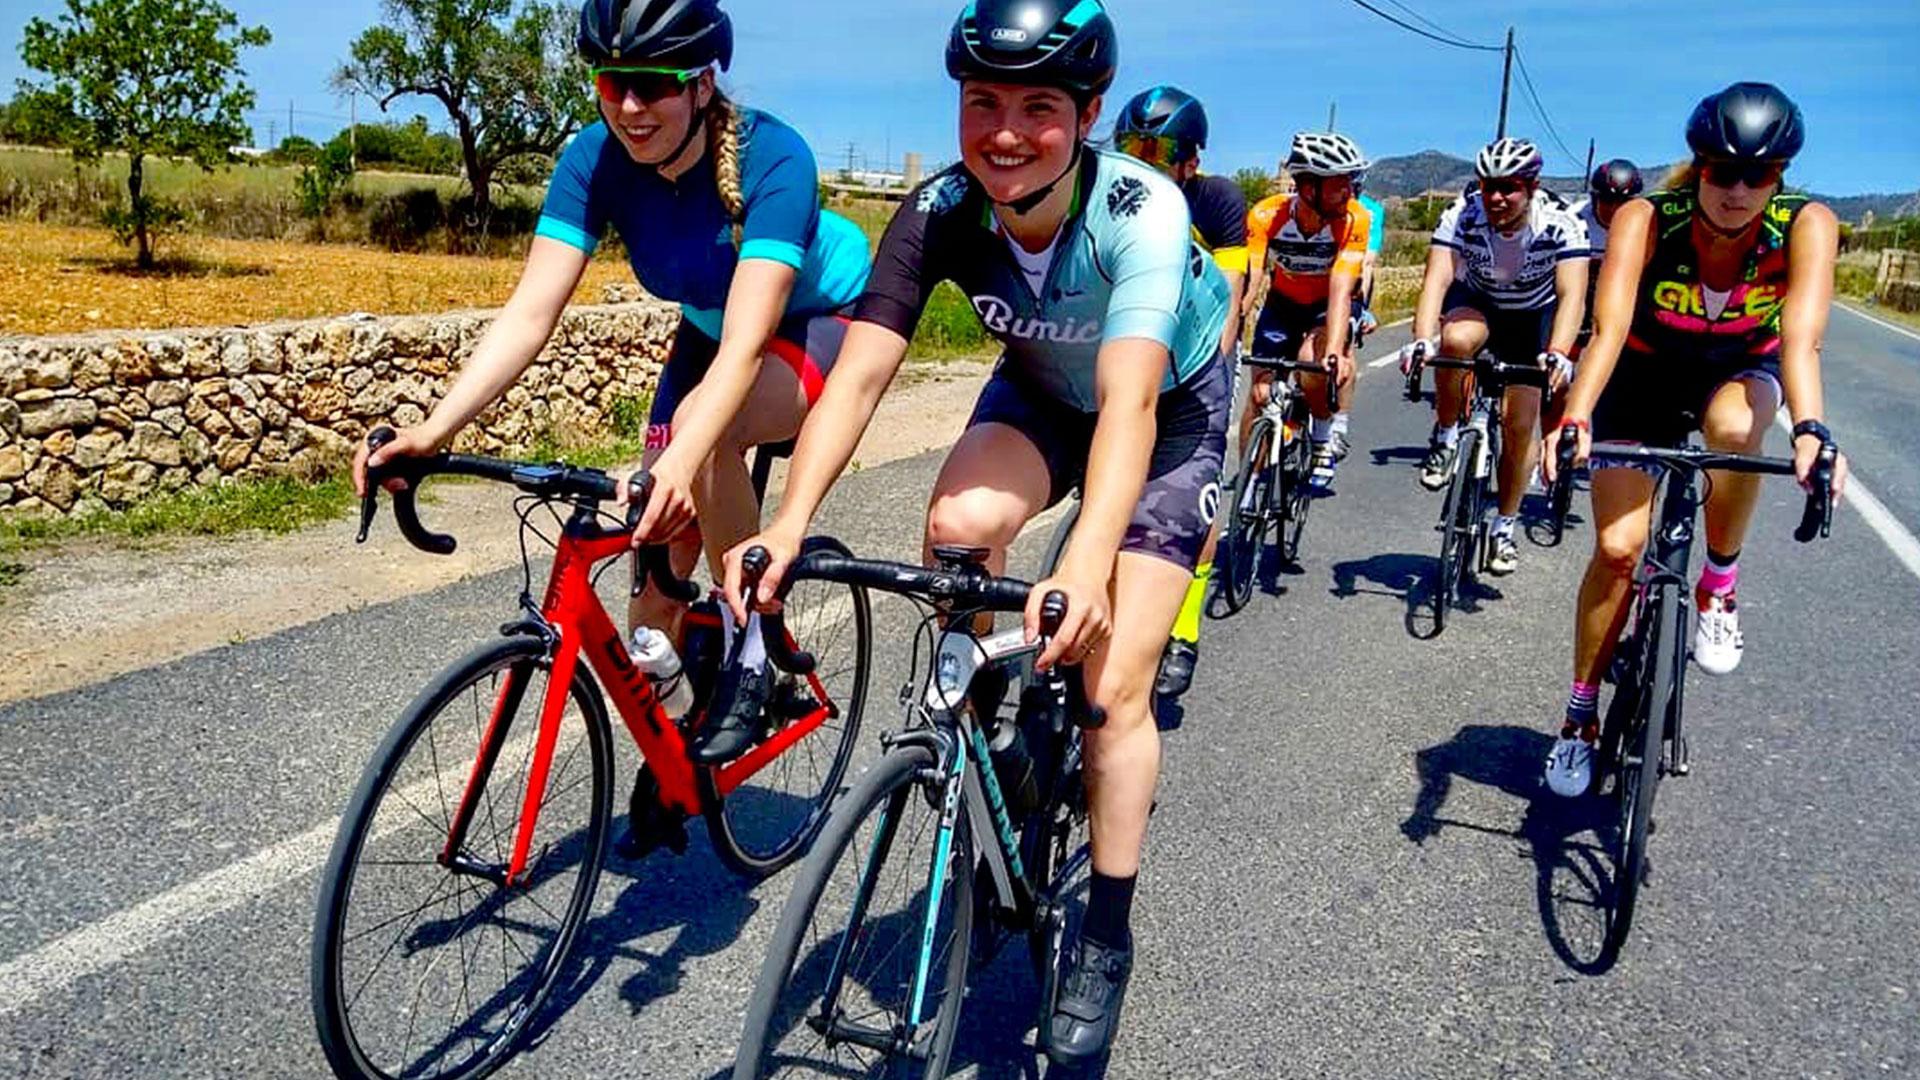 Als vrouw in een fietsgroep: lijkt spannend, is vooral leuk! (ook met mannen)